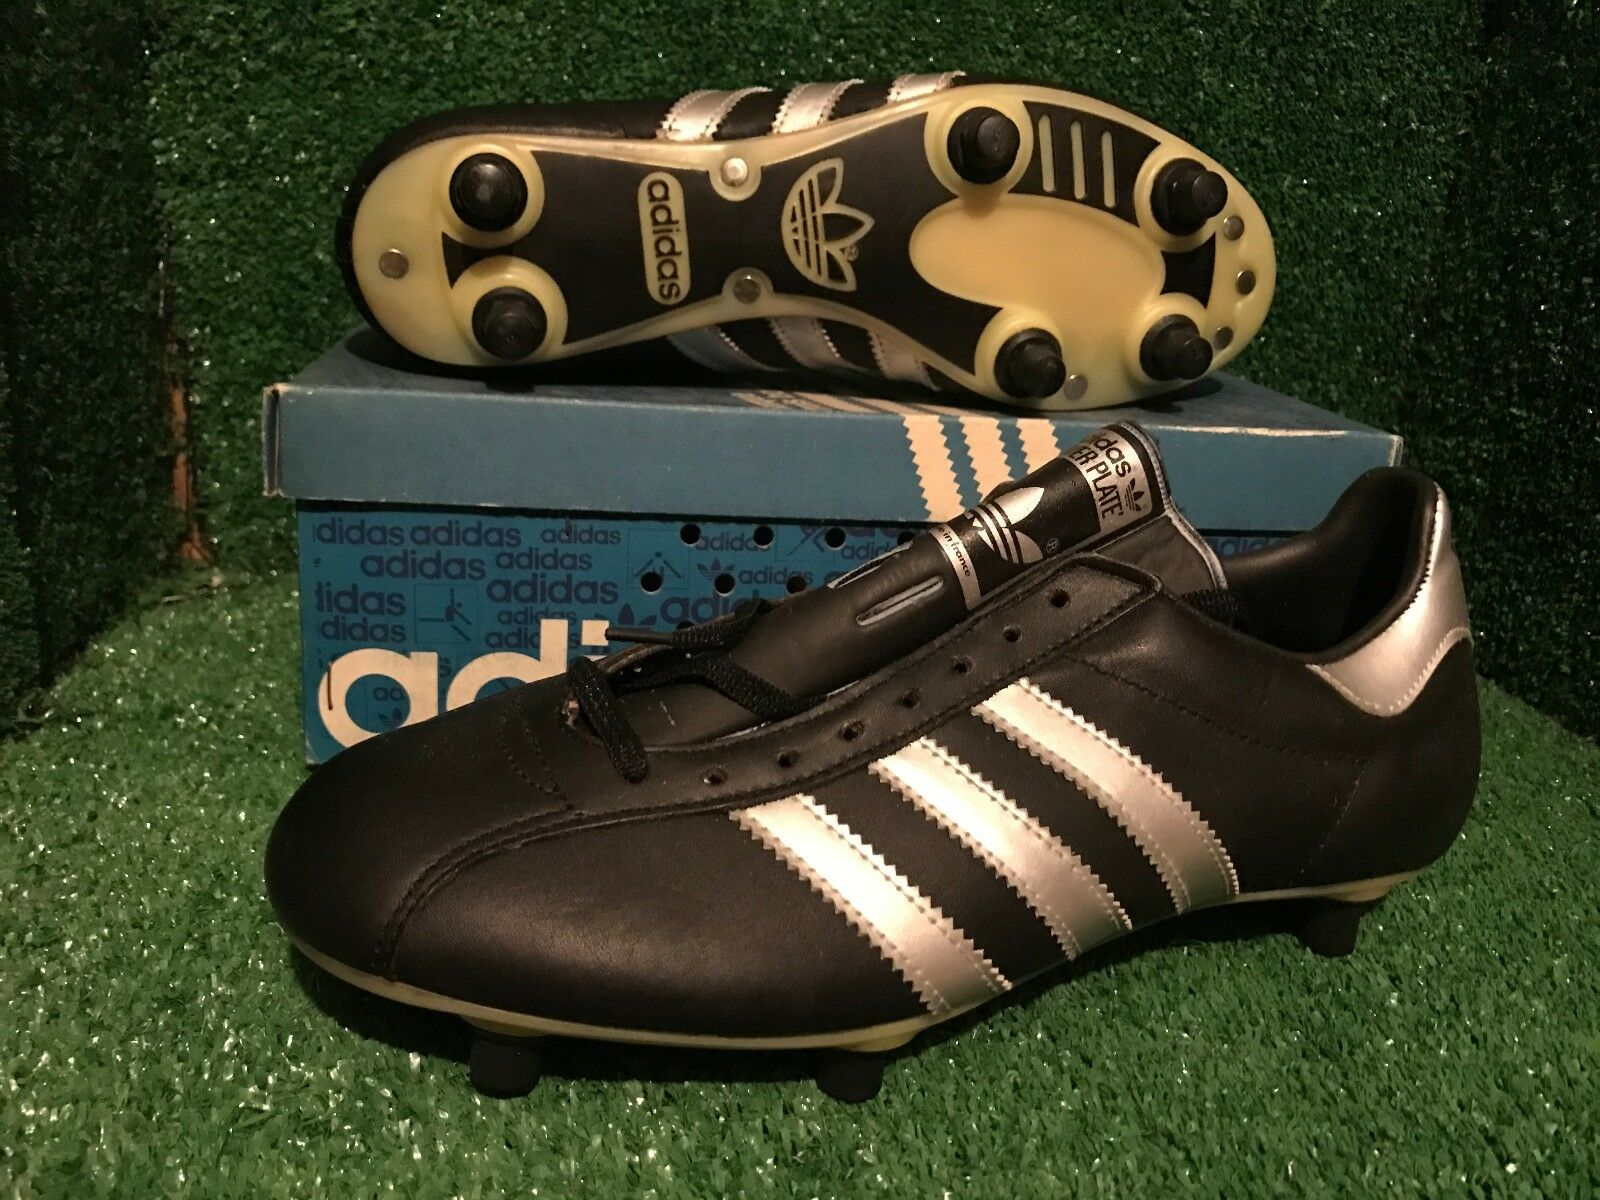 Lote  Adidas River Plate Vintage Fútbol botas Zapatos Botines De Varios Tamaños DEADSTOCK